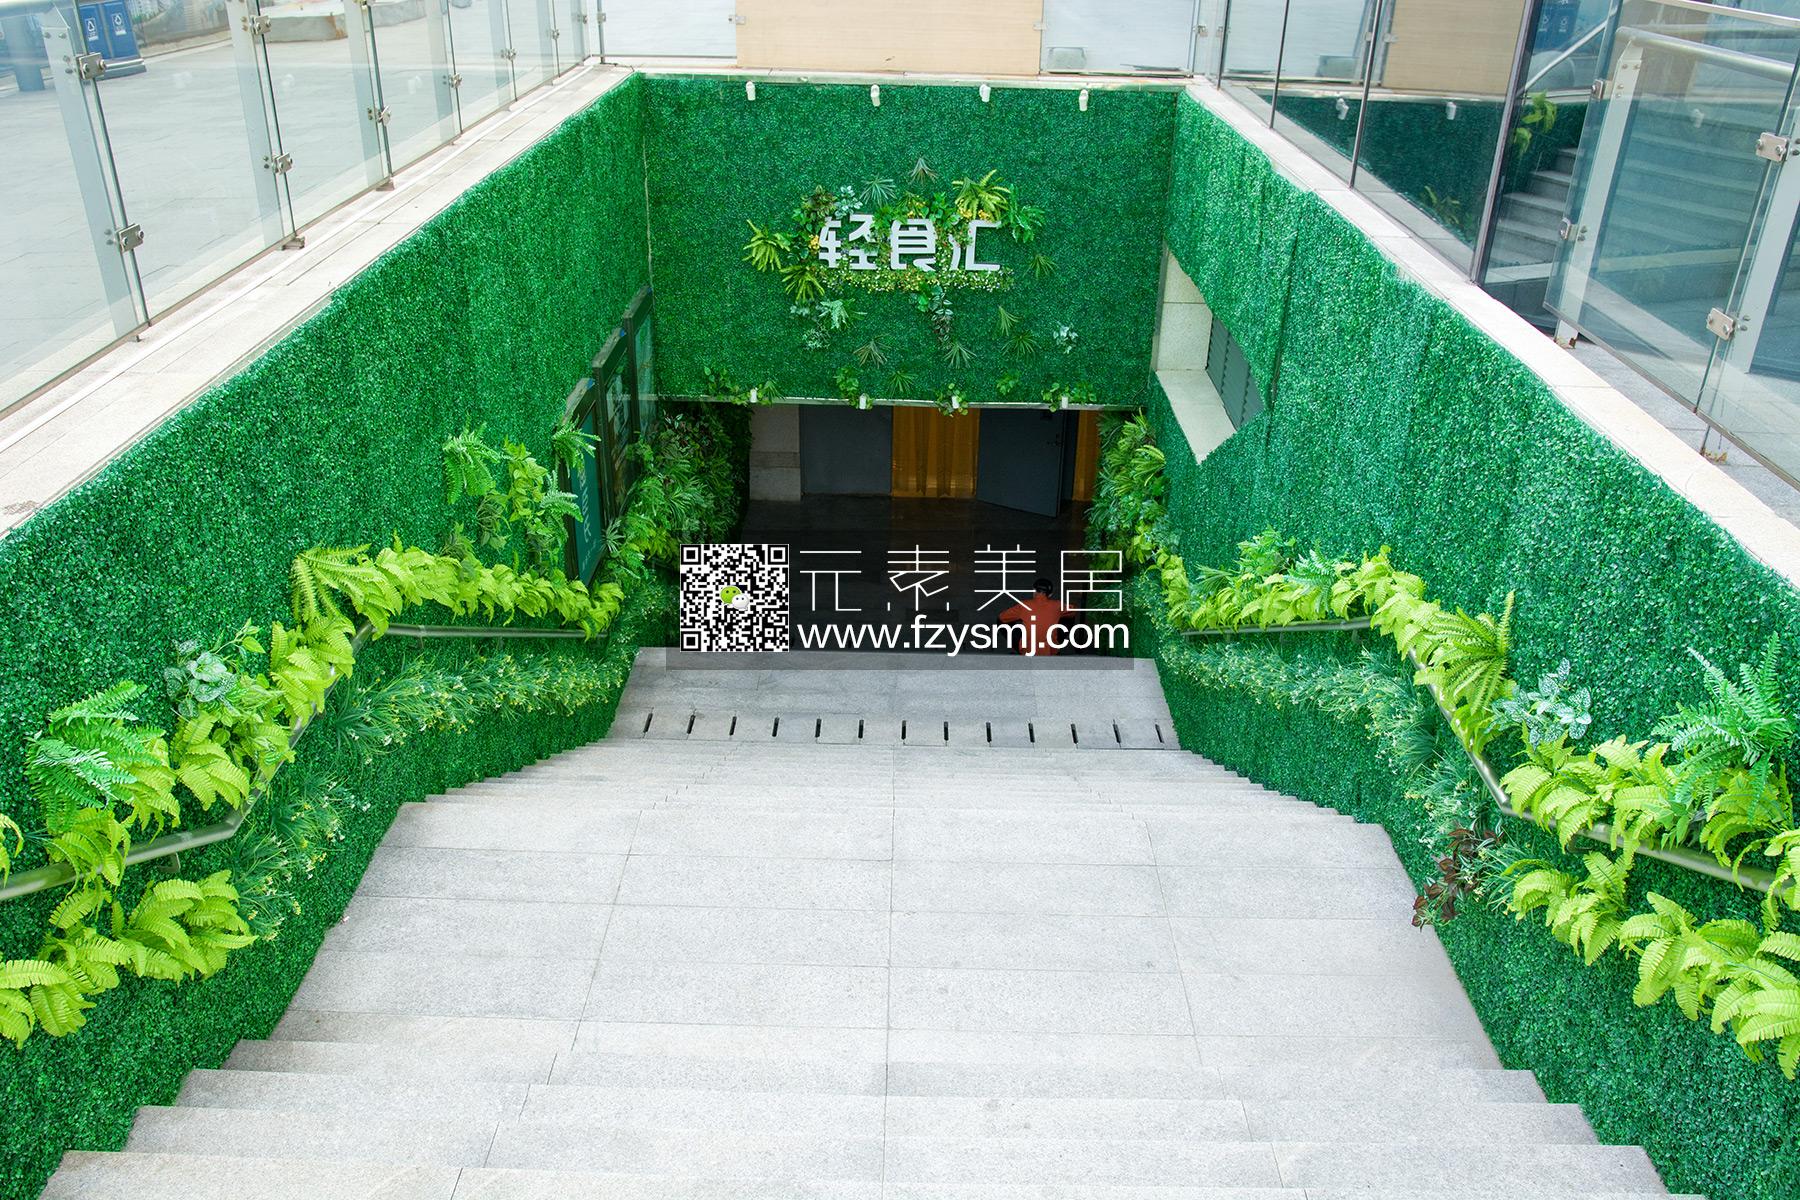 轻食汇-植物墙外墙装饰应用案例01